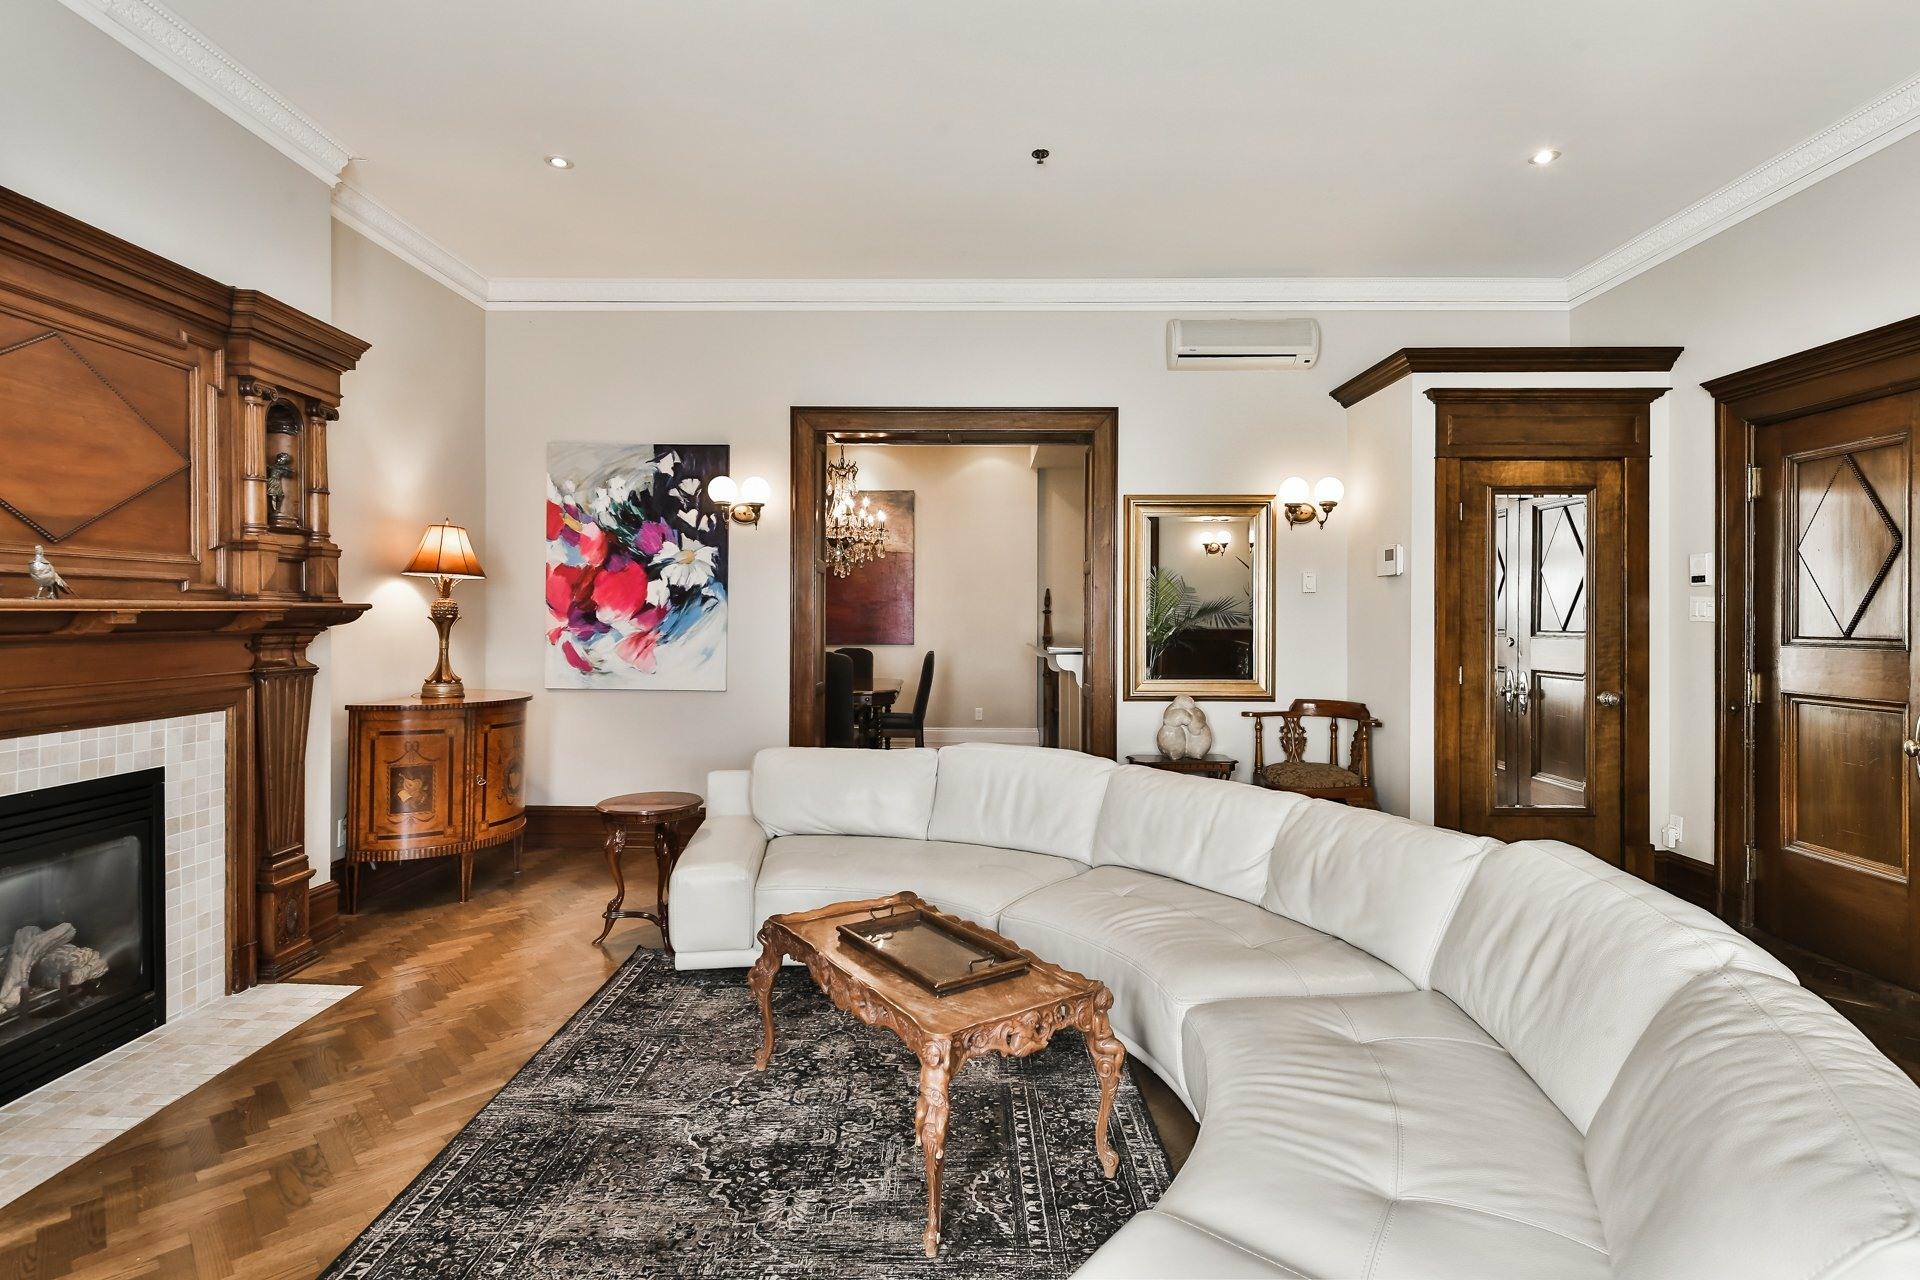 image 7 - Appartement À vendre Le Plateau-Mont-Royal Montréal  - 6 pièces